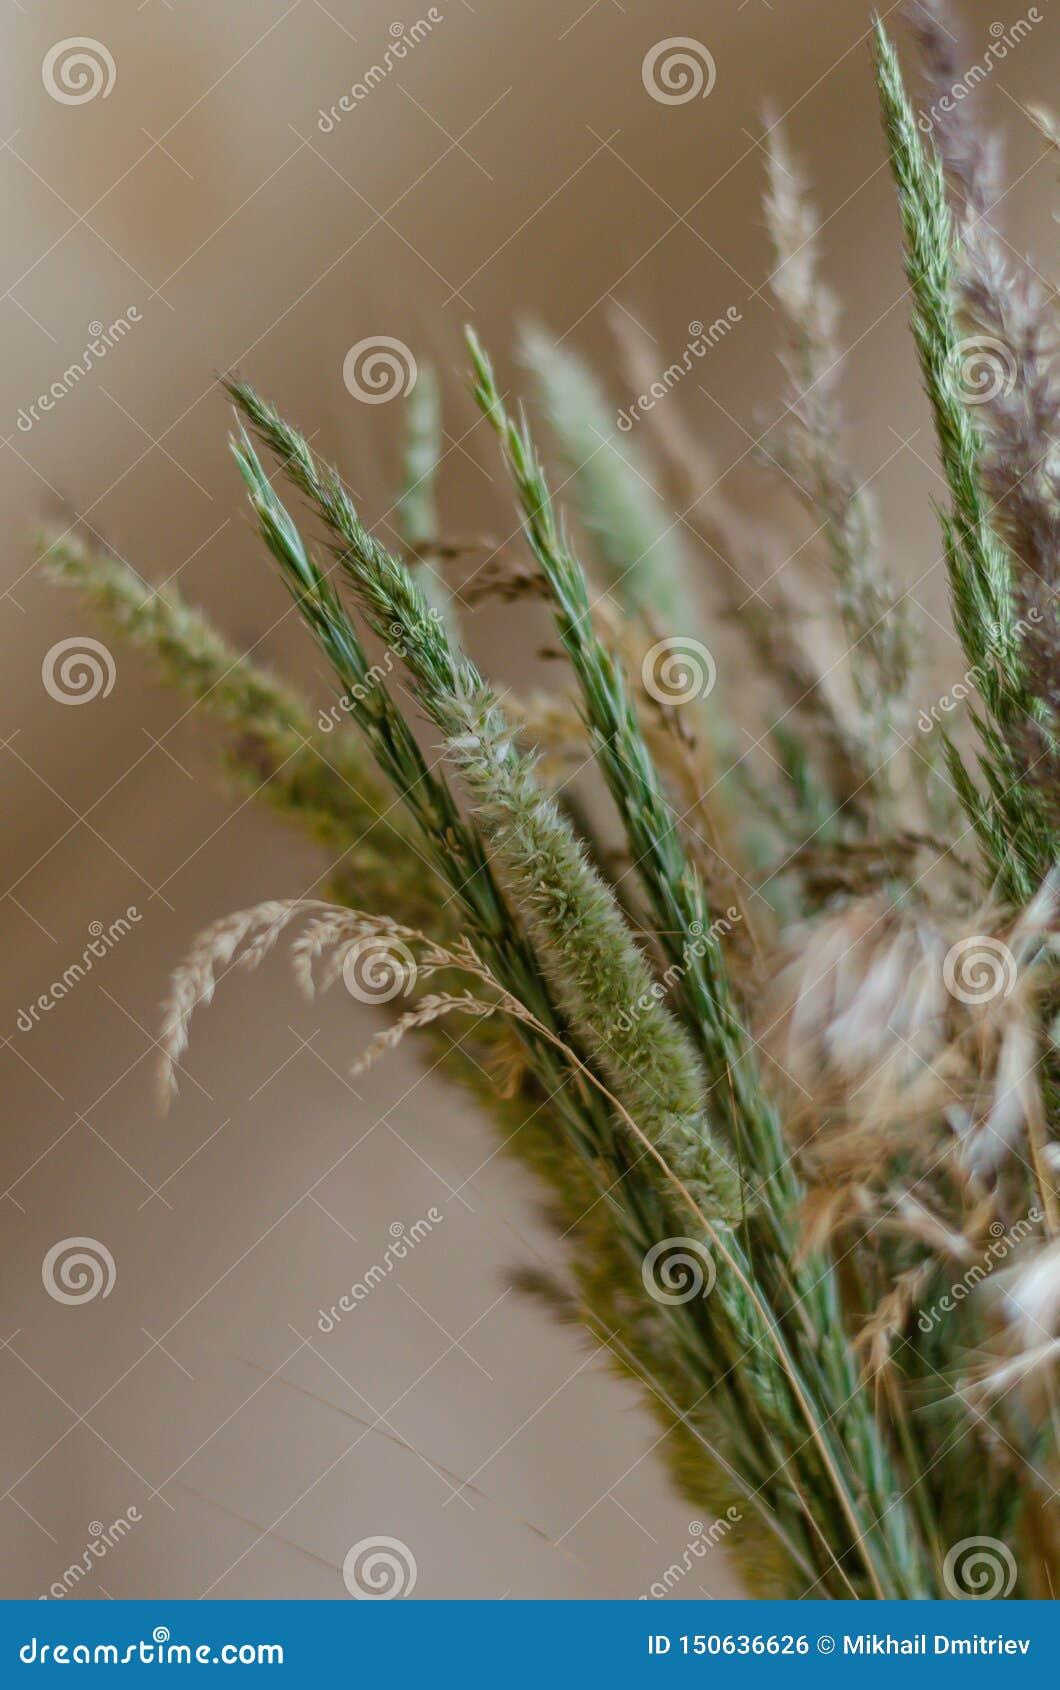 Gröna stammar och öron av örter som är stora på en mjuk bakgrund Bakgrund i varma dämpade toner av lösa torkade örter Samling av